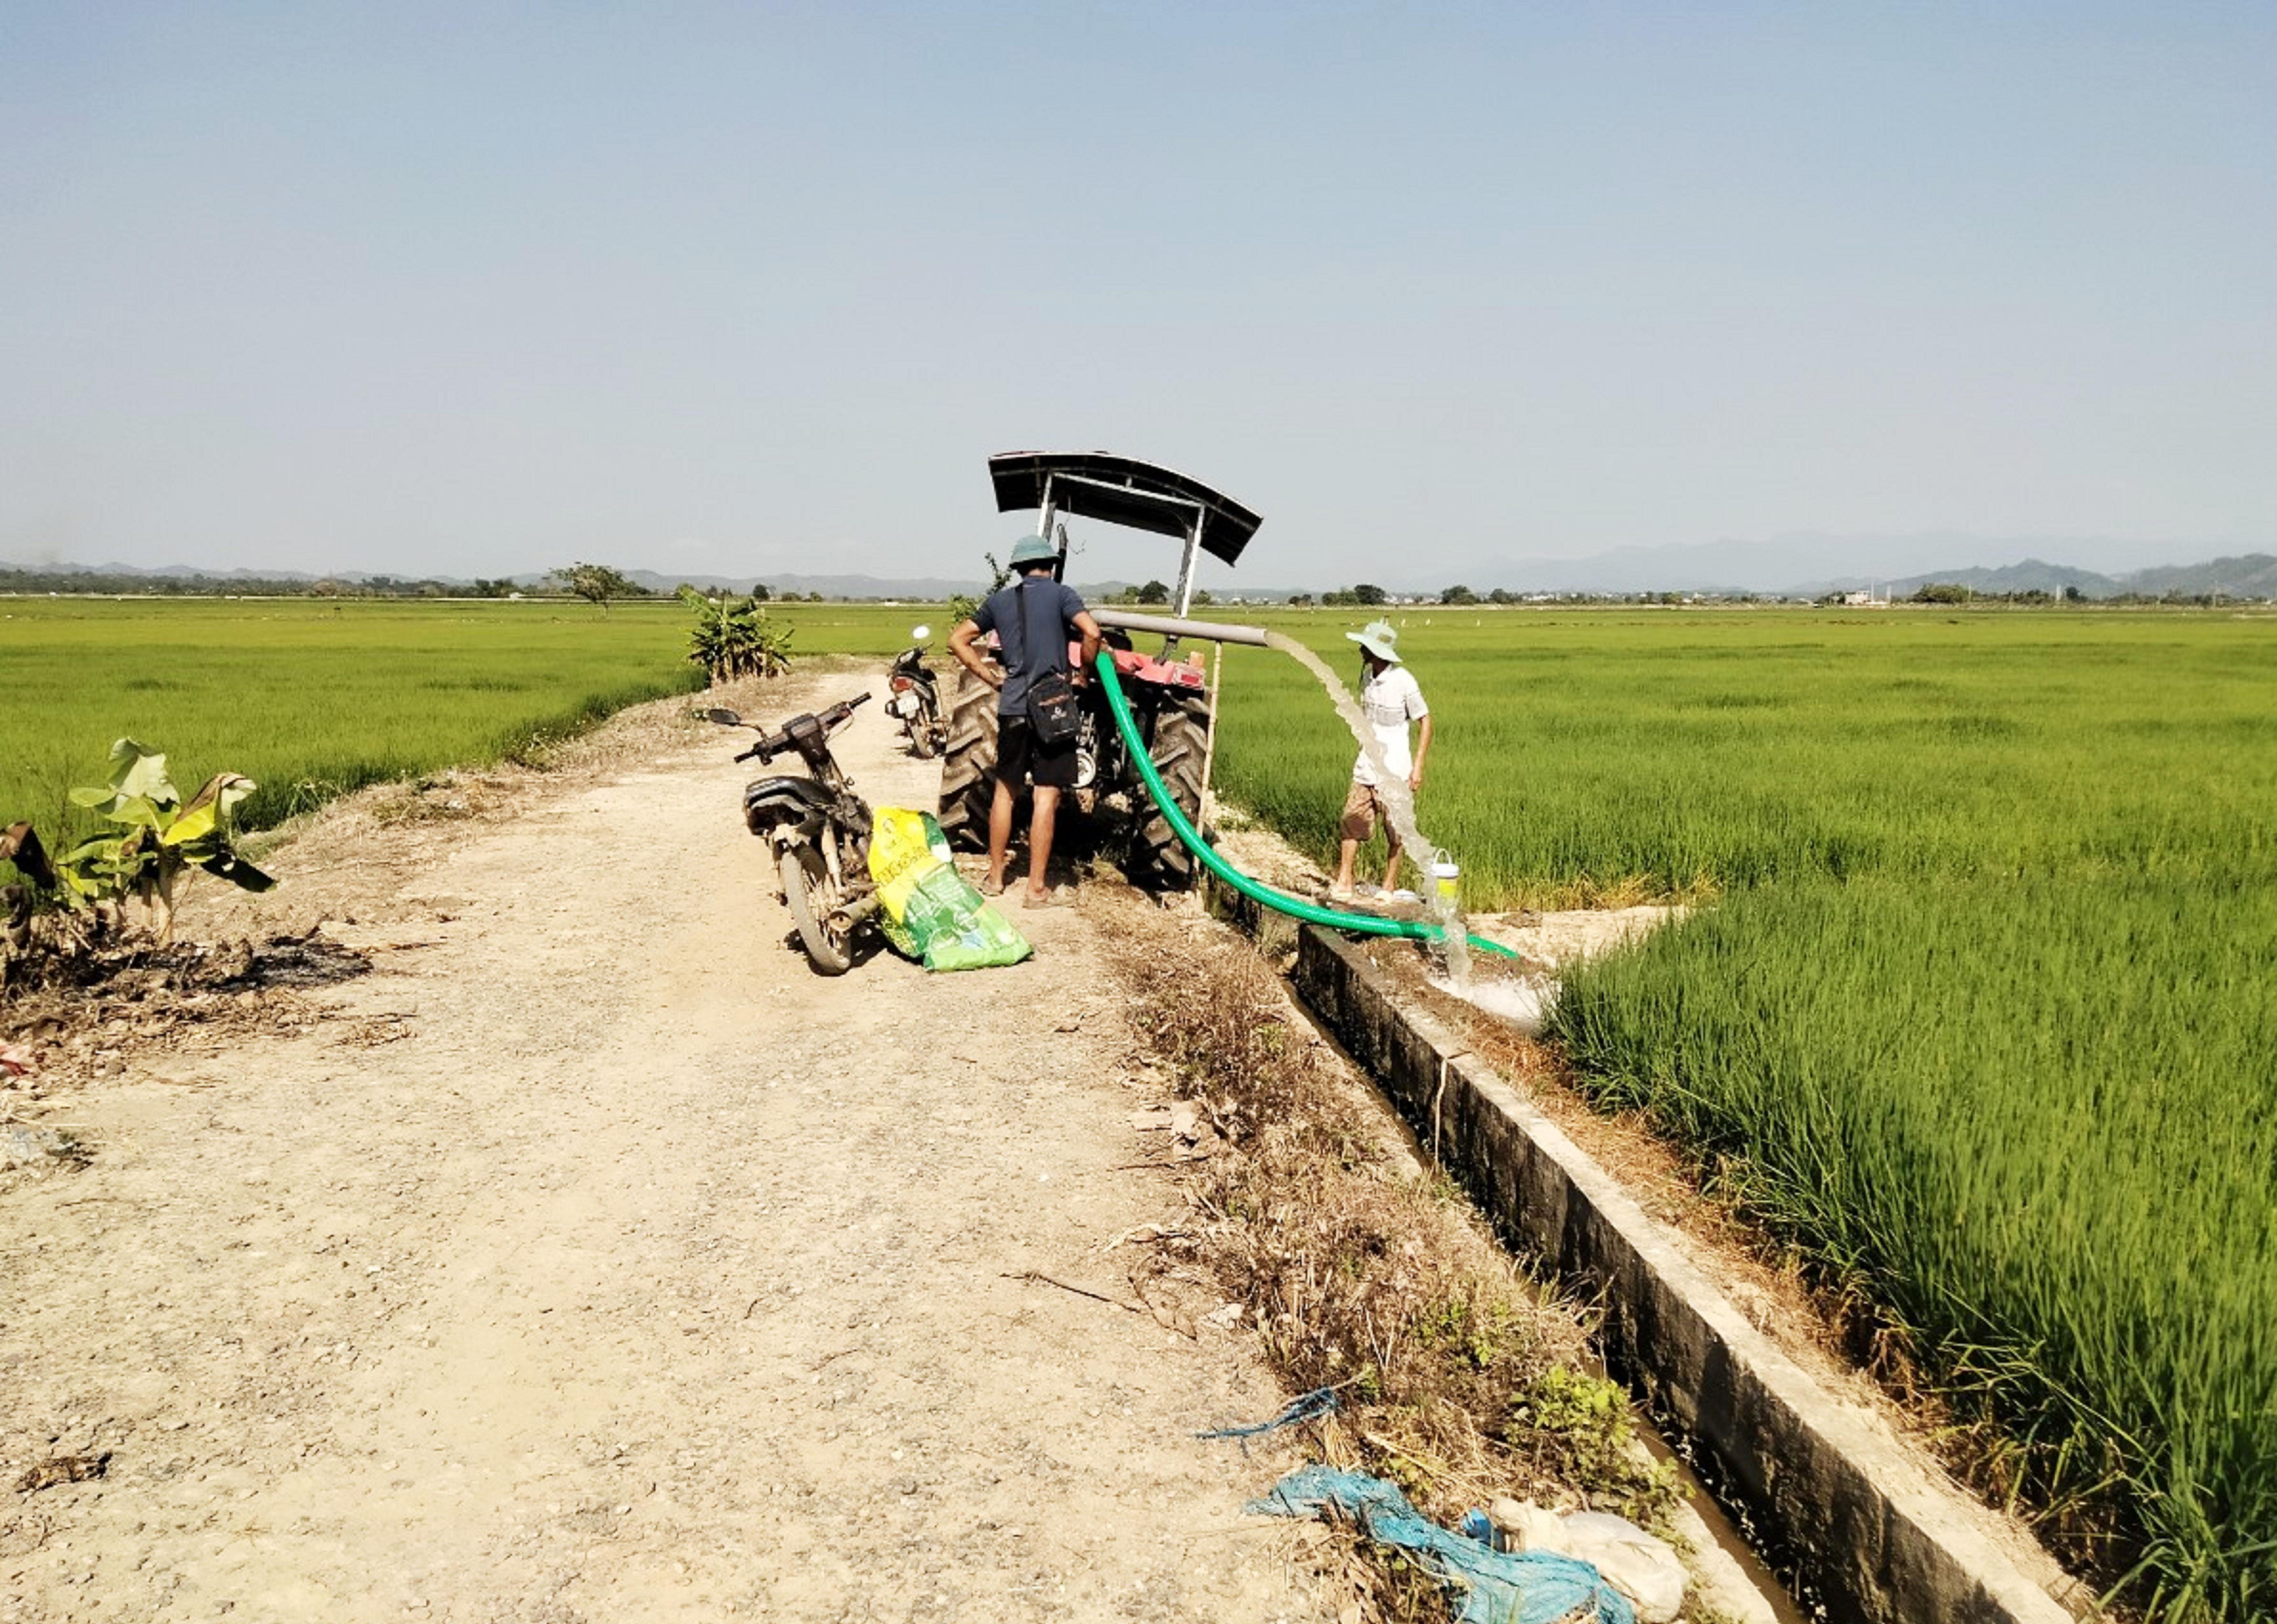 Kênh mương công trình thủy lợi Suối đá thấp hơn rất nhiều chân ruộng nên người dân phải dùng máy bơm bơm nước chống hạn cho lúa